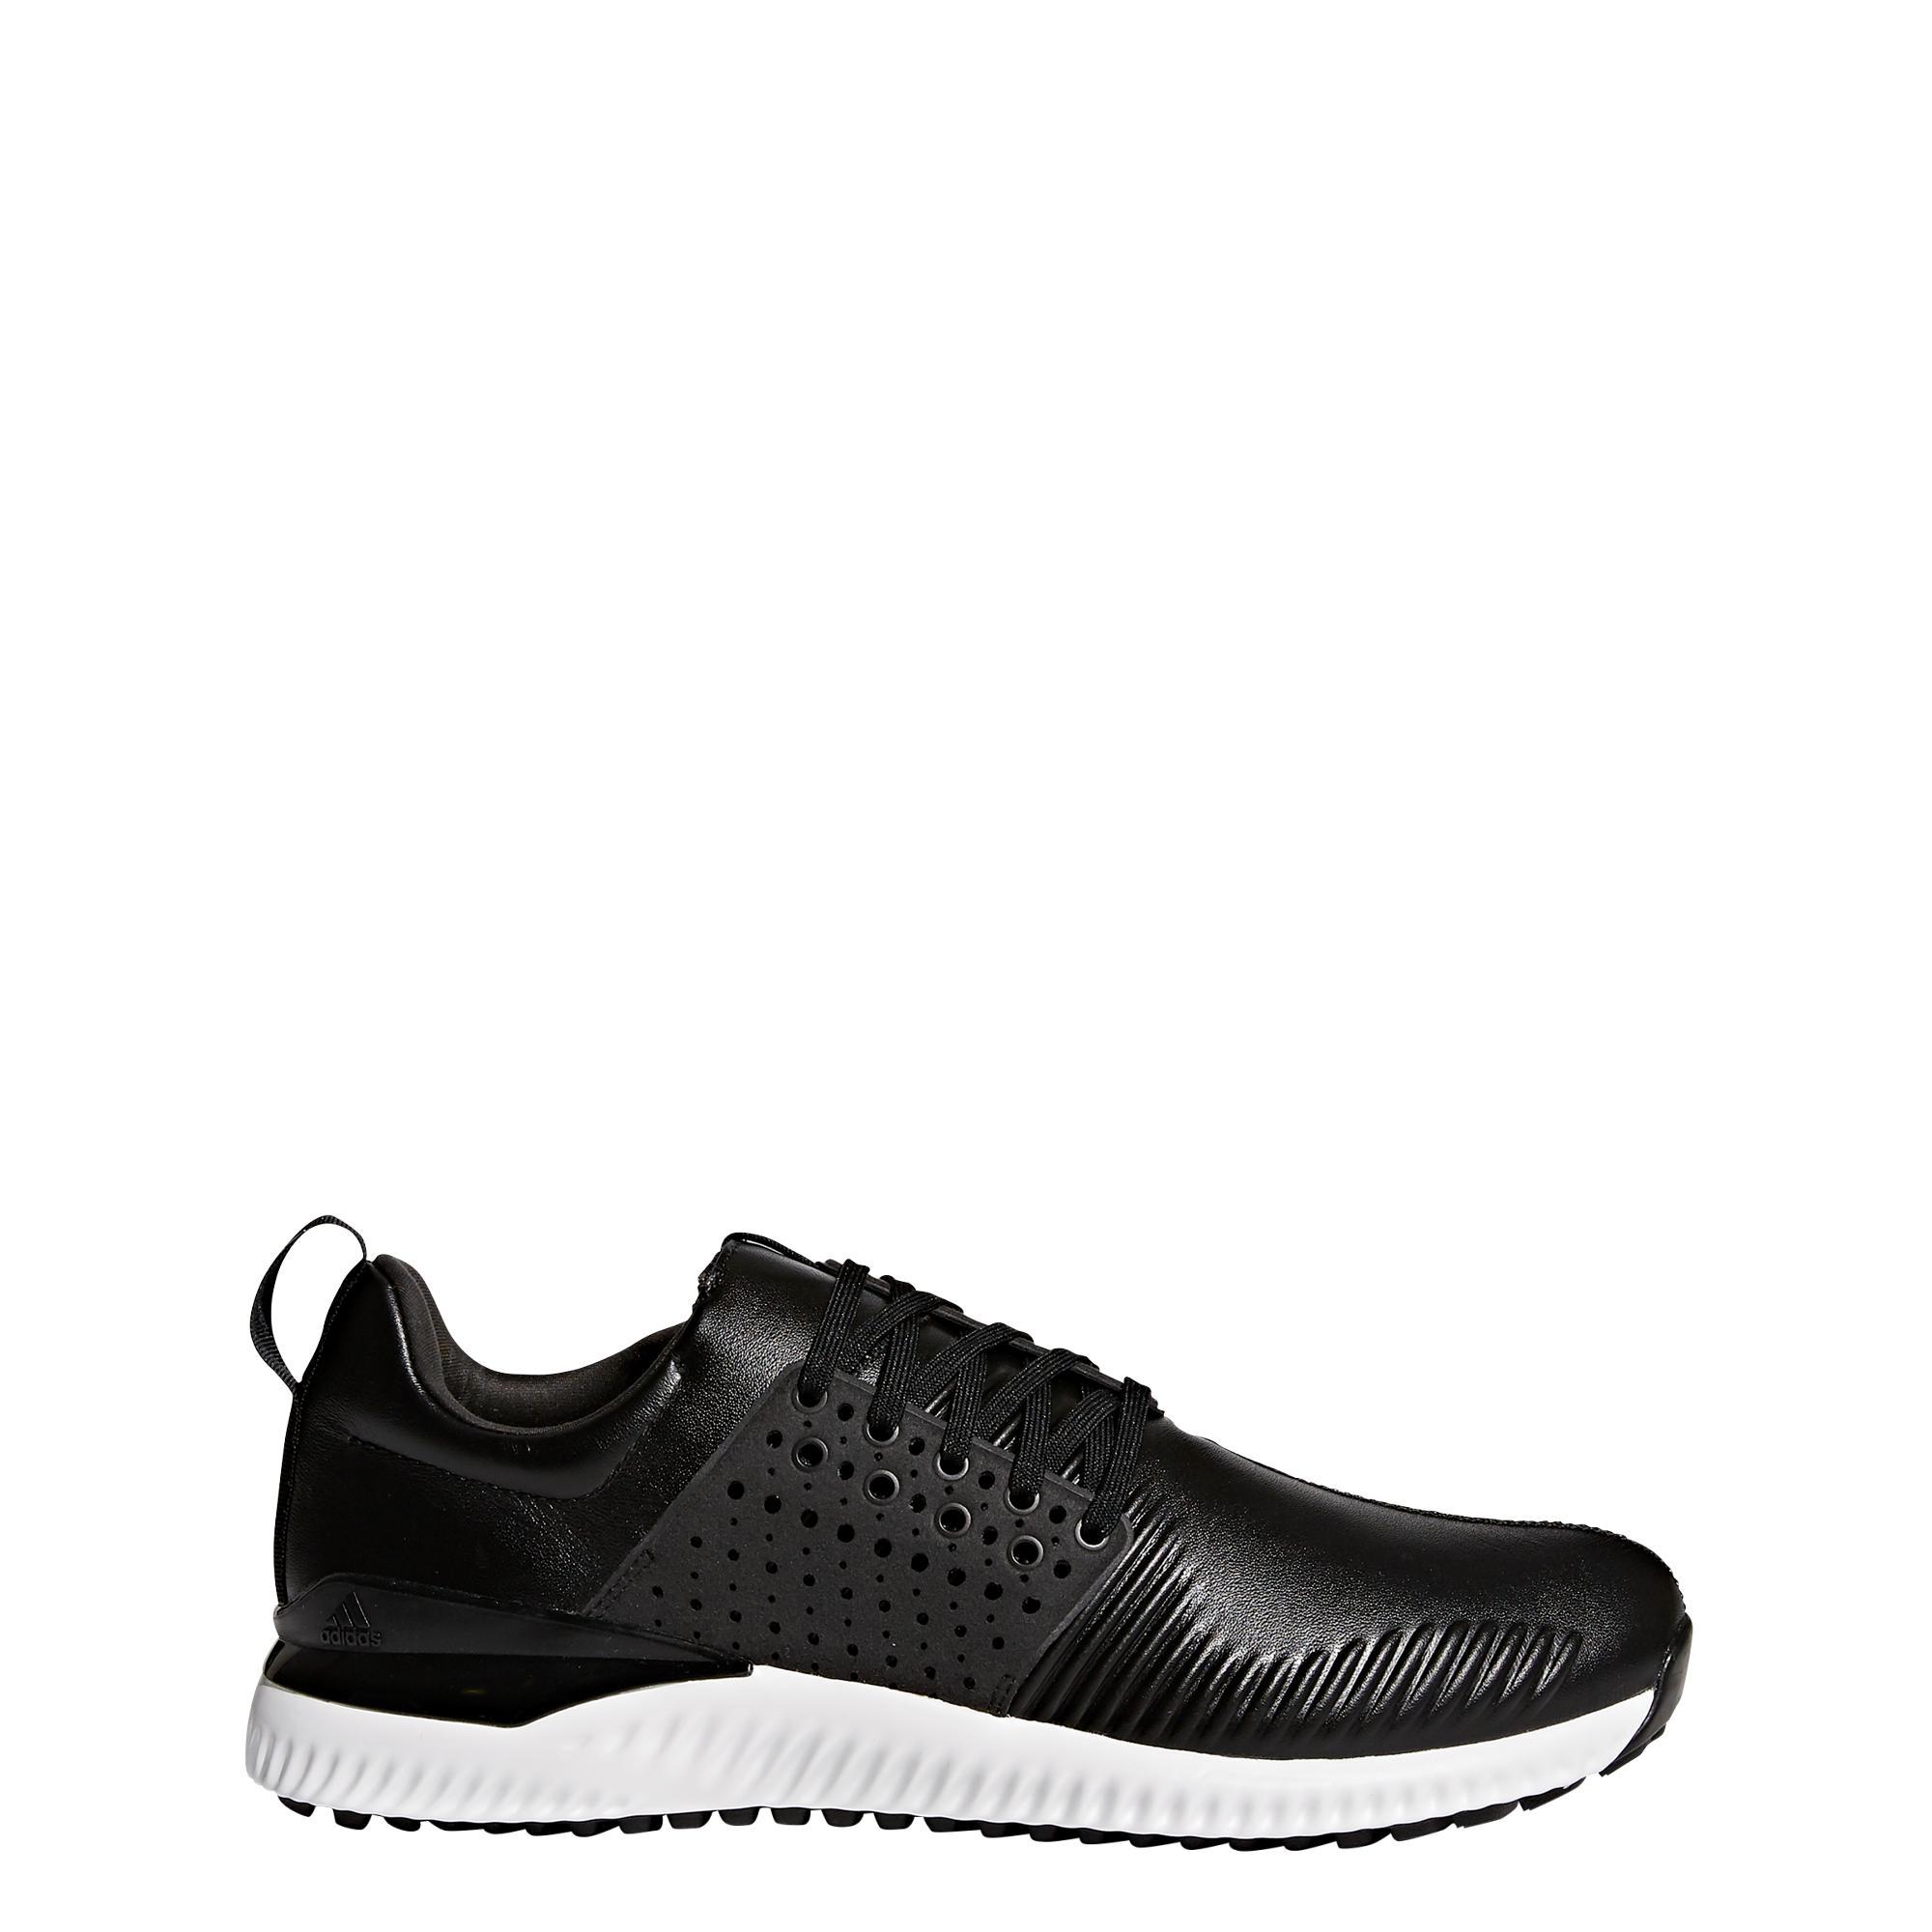 Chaussures adicross Bounce sans crampons pour hommes – NOIR